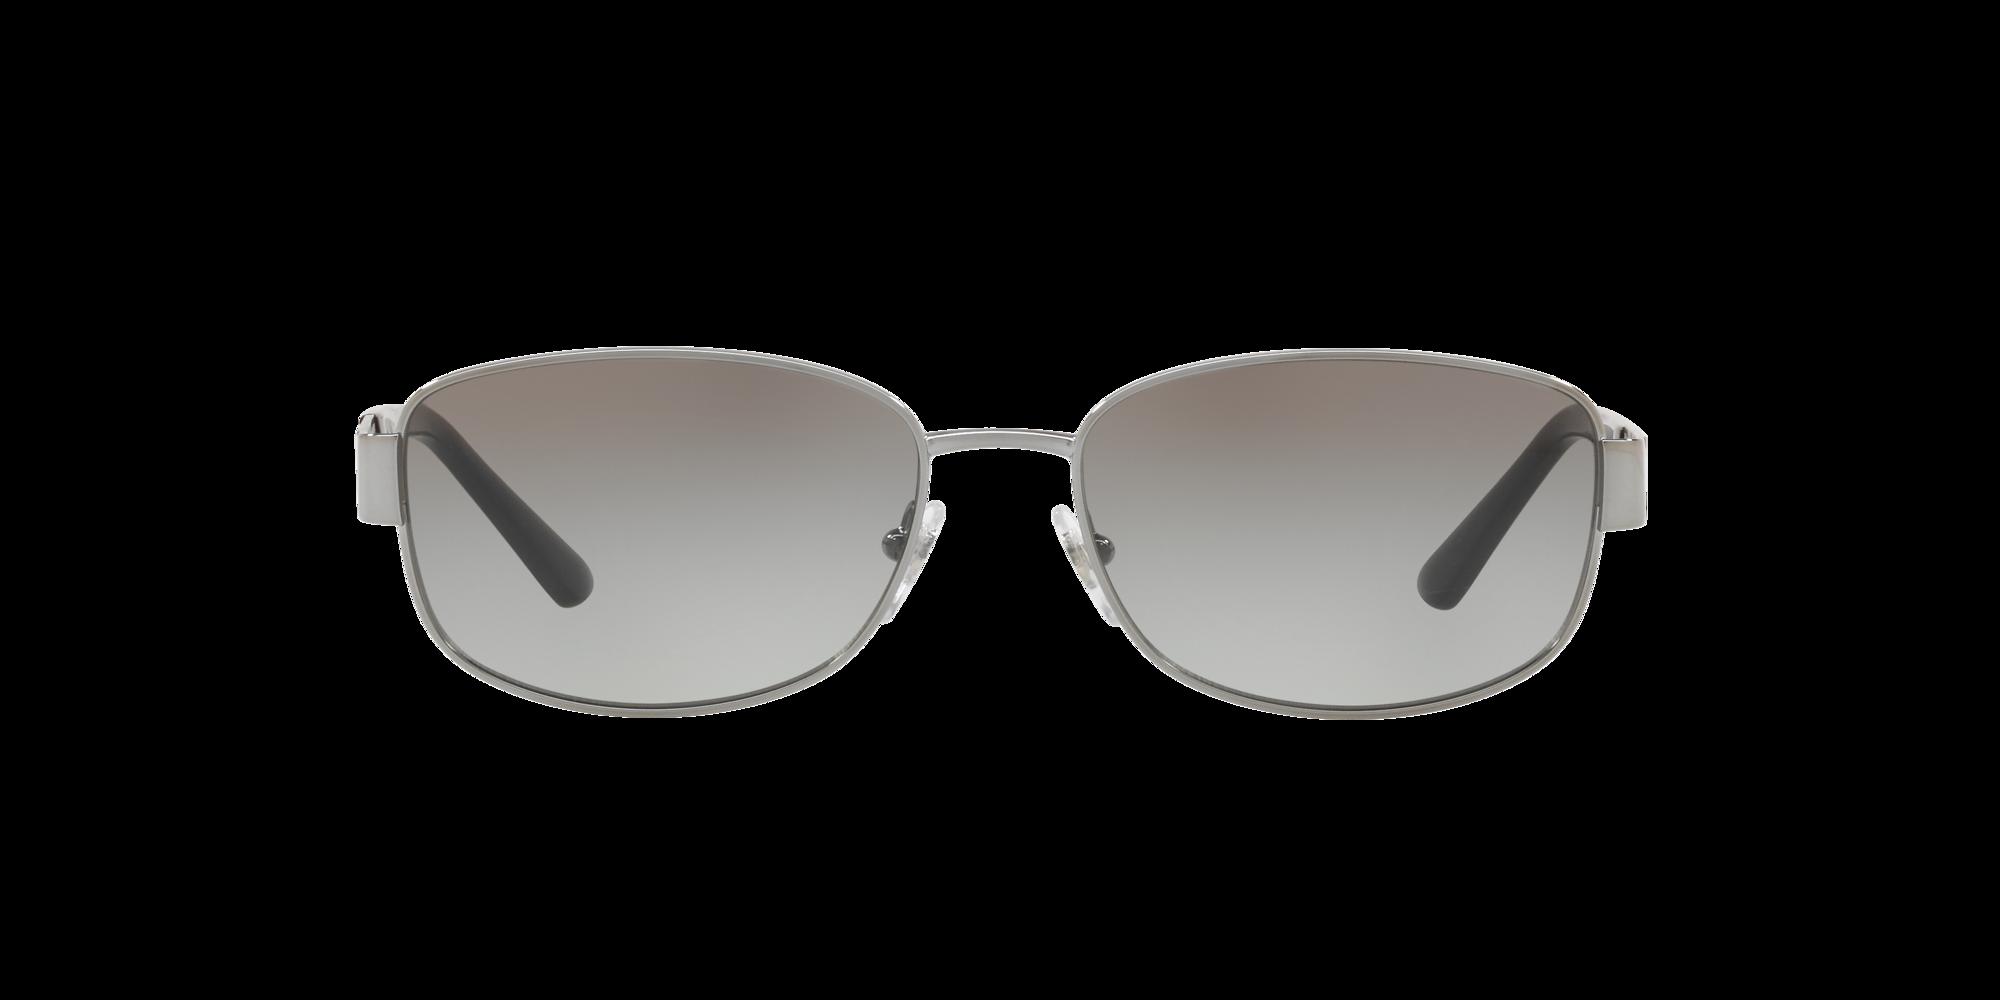 Imagen para SF5009S 55 de LensCrafters |  Espejuelos, espejuelos graduados en línea, gafas